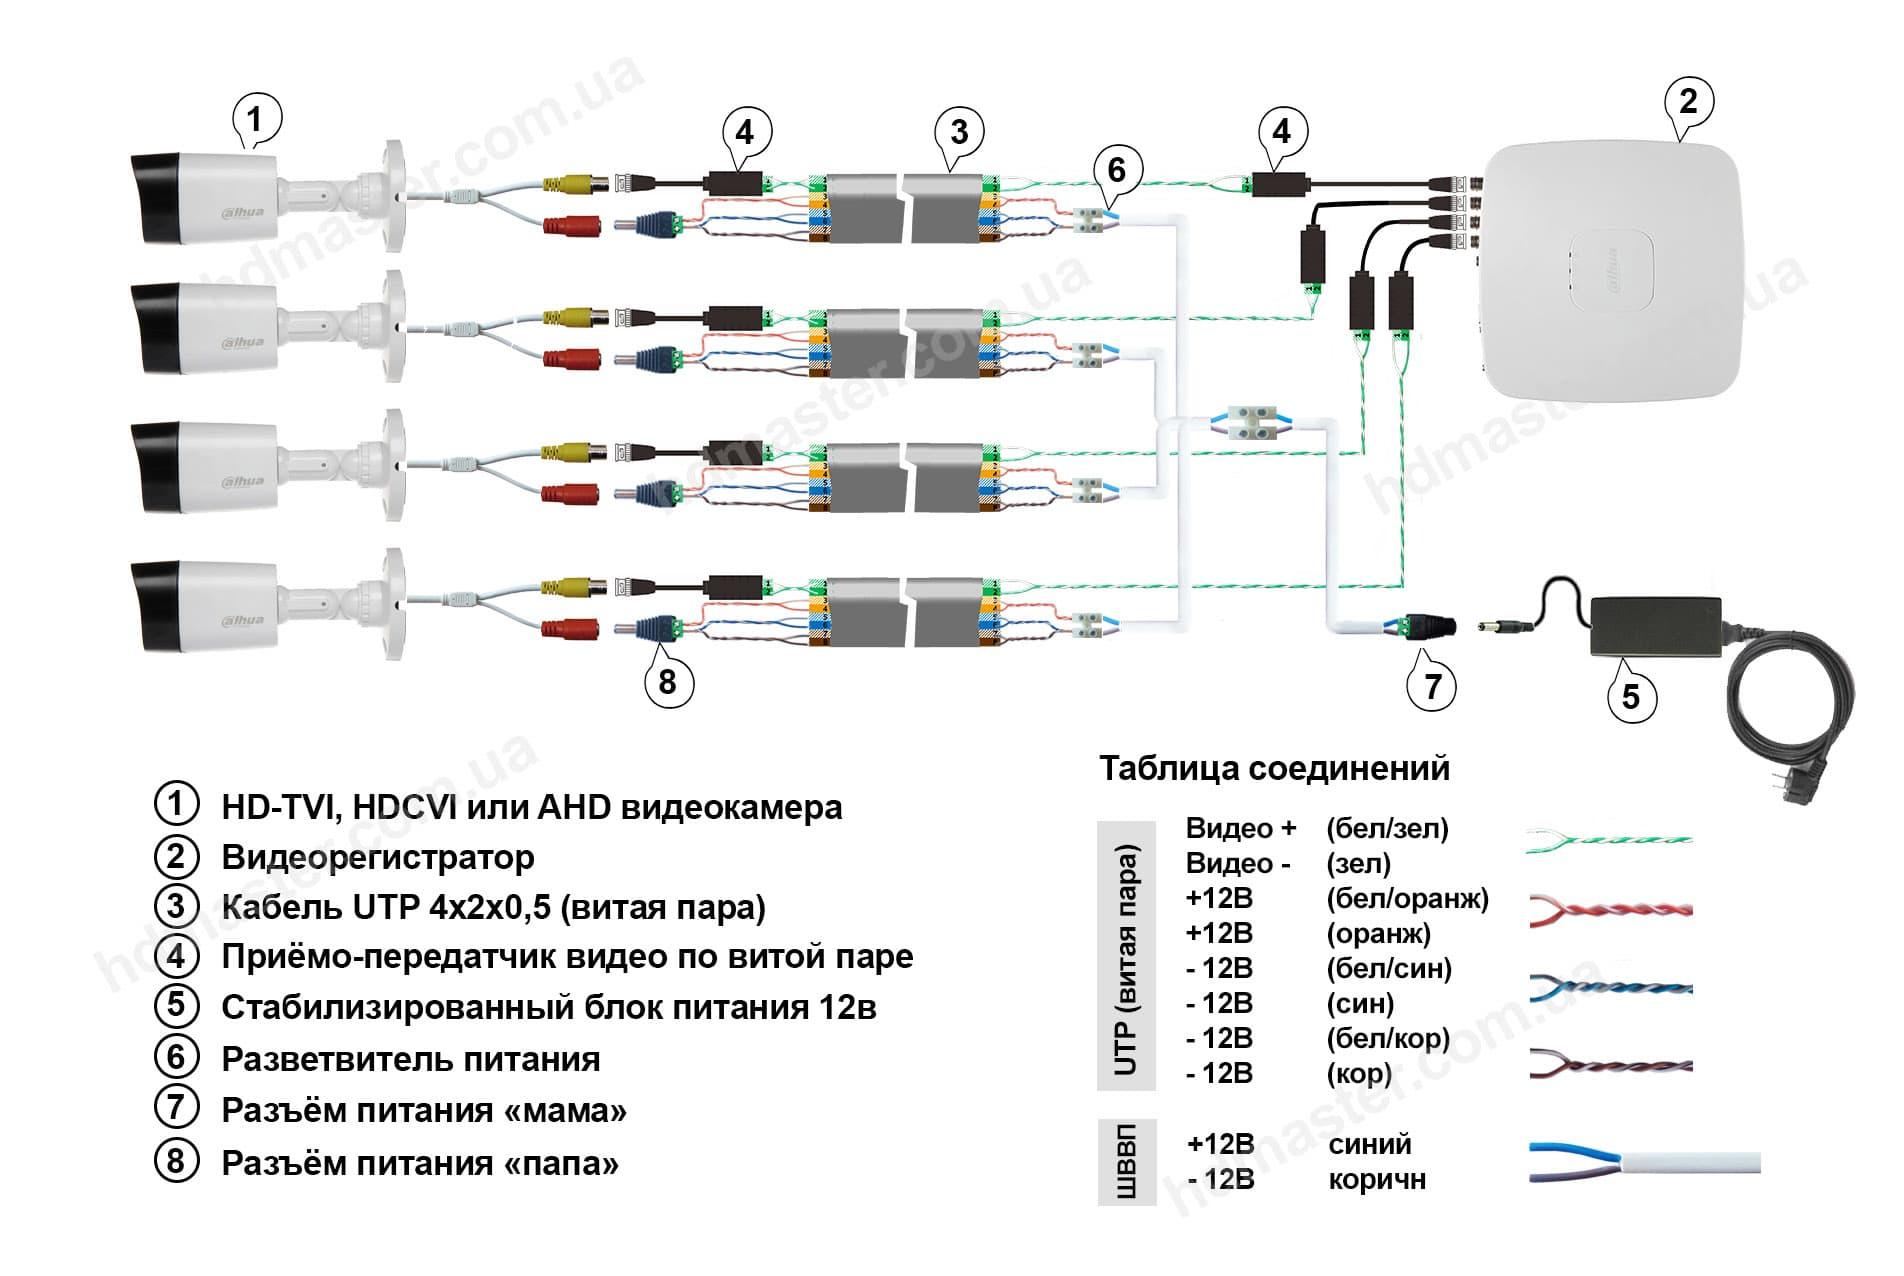 Схема видеонаблюдения HDCVI